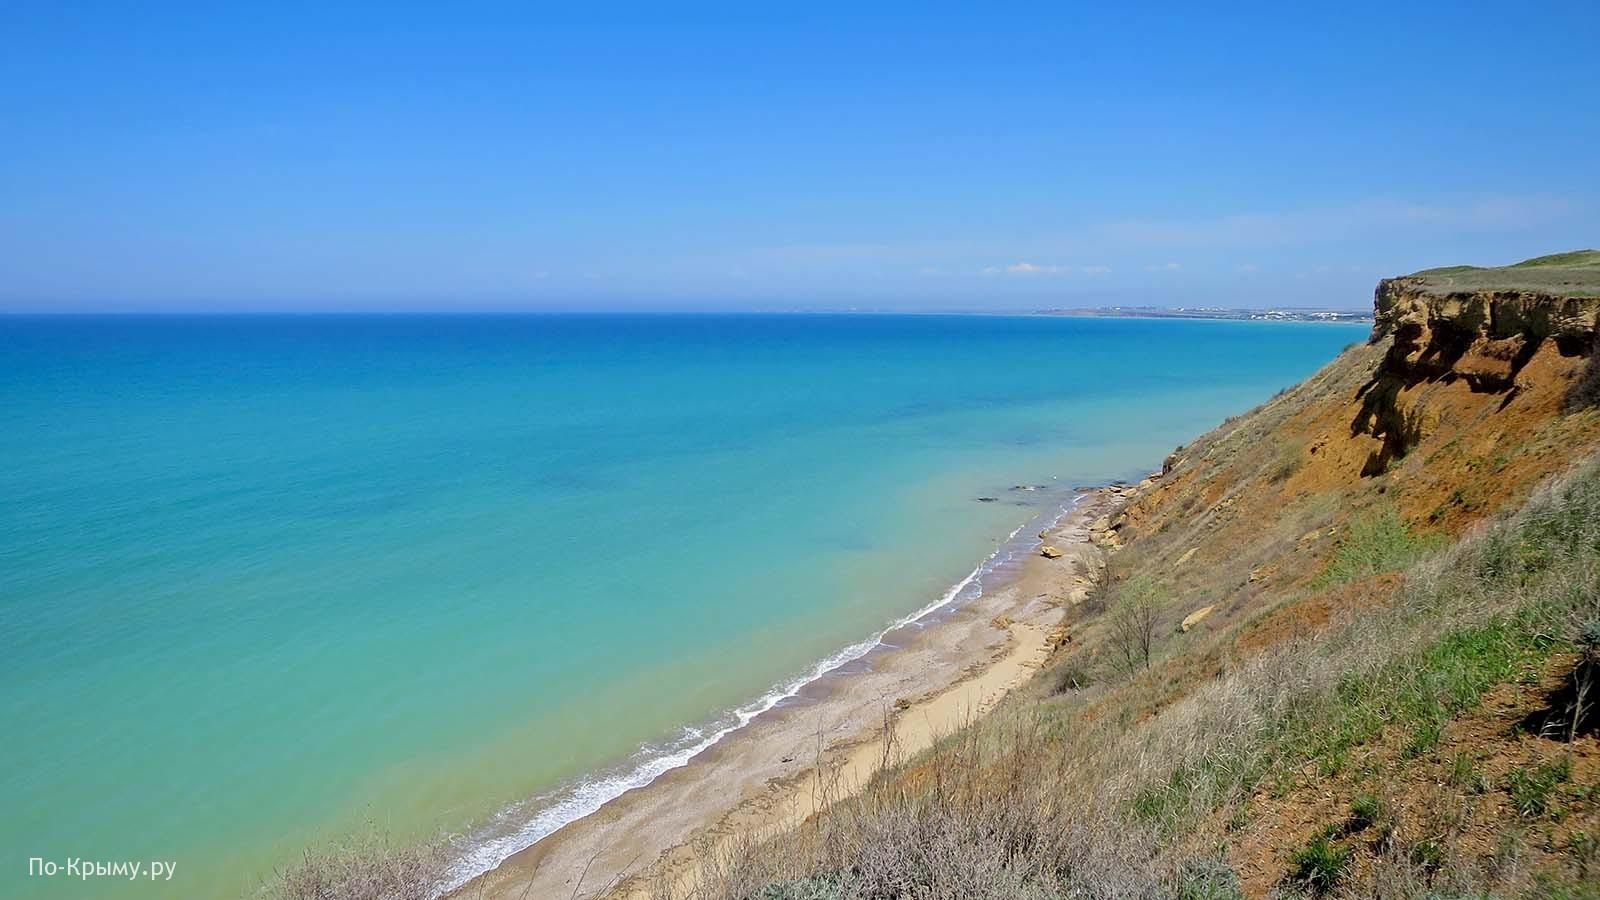 Песчаные нудистские пляжи Крыма